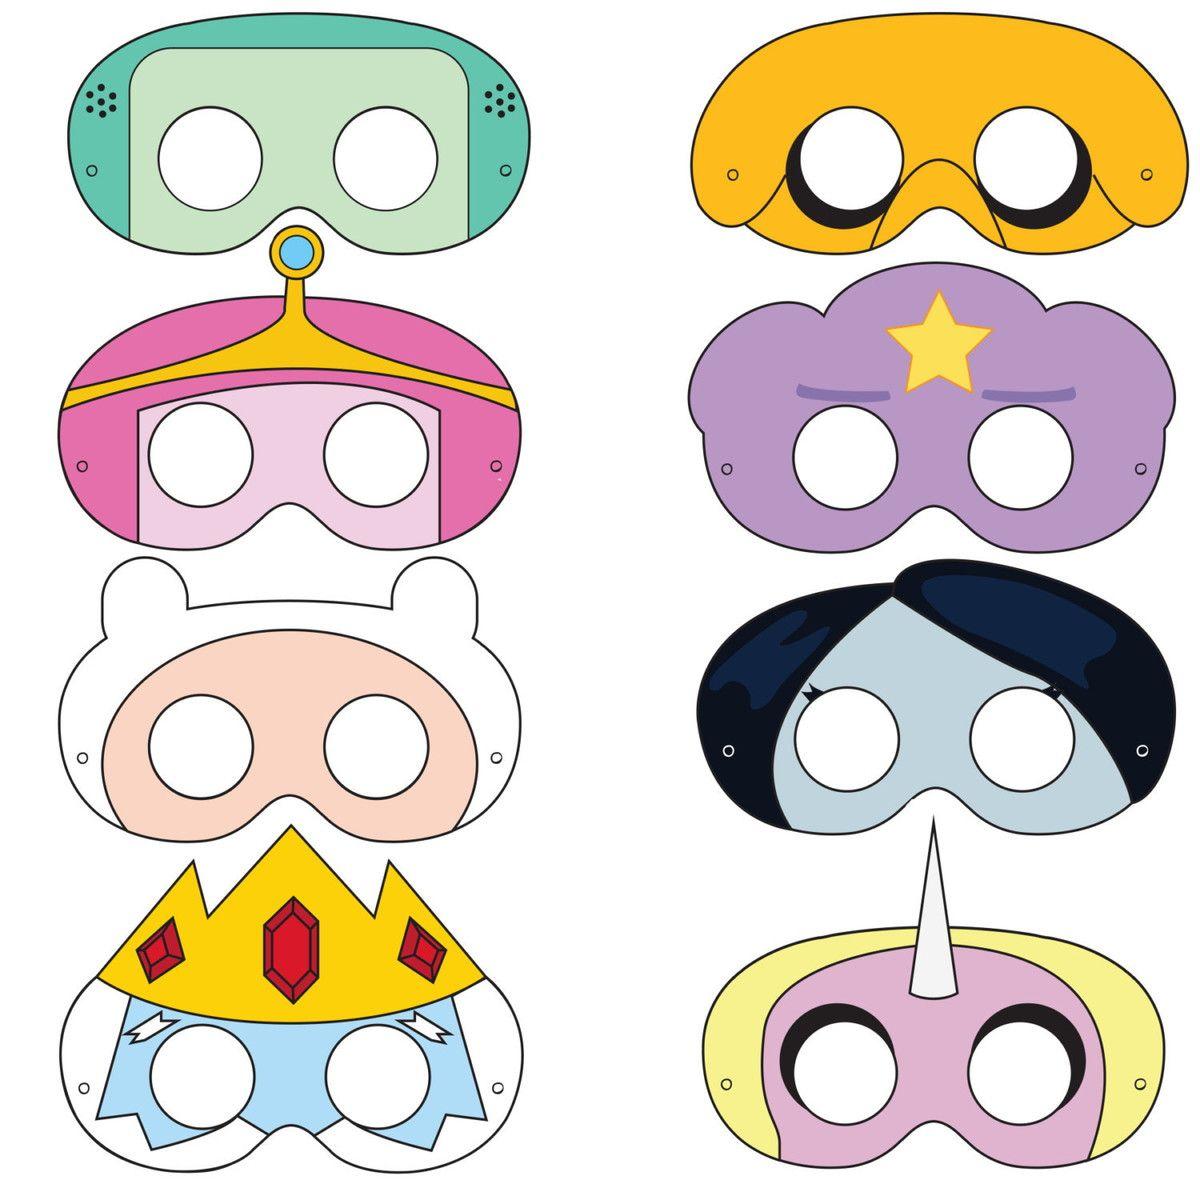 Mascara Impressa Em Papel Fotografico BrRecortada Plotter BrNao Acompanha Elastico BrConsulte Para Outros Temas BrPedido Minimo 10 Unidades